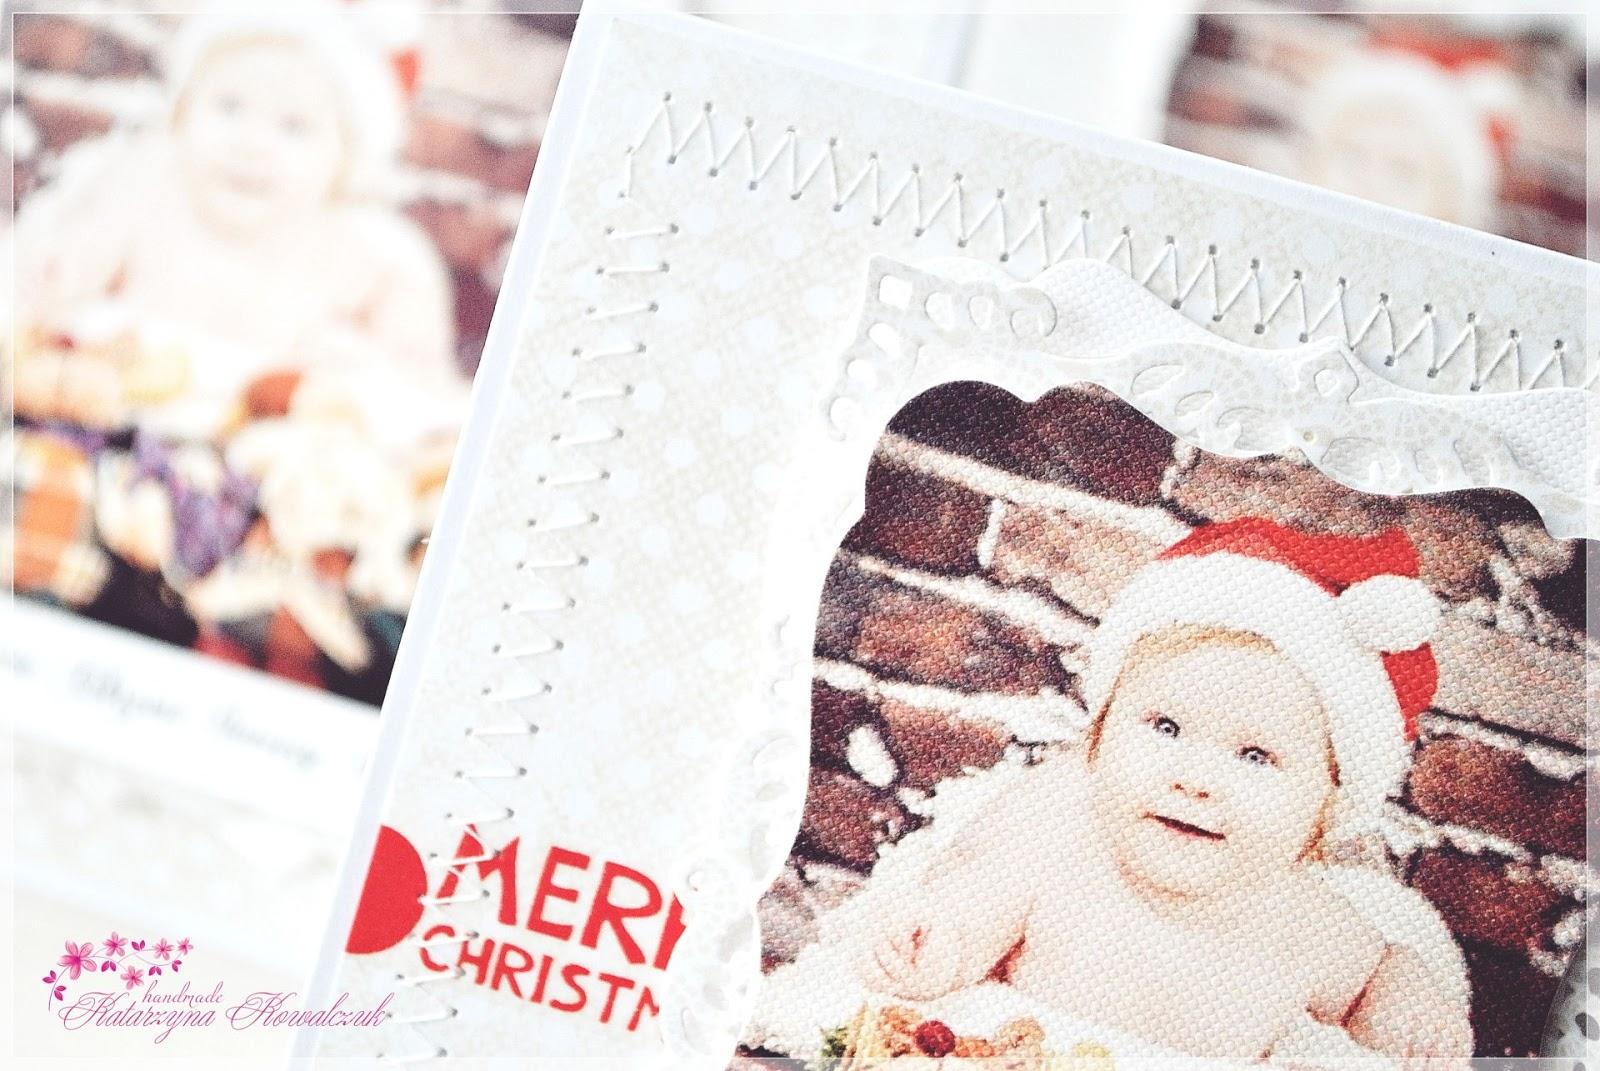 świąteczne zaproszenia na chrzest święty ze zdjęciem dziecka scrapbooking